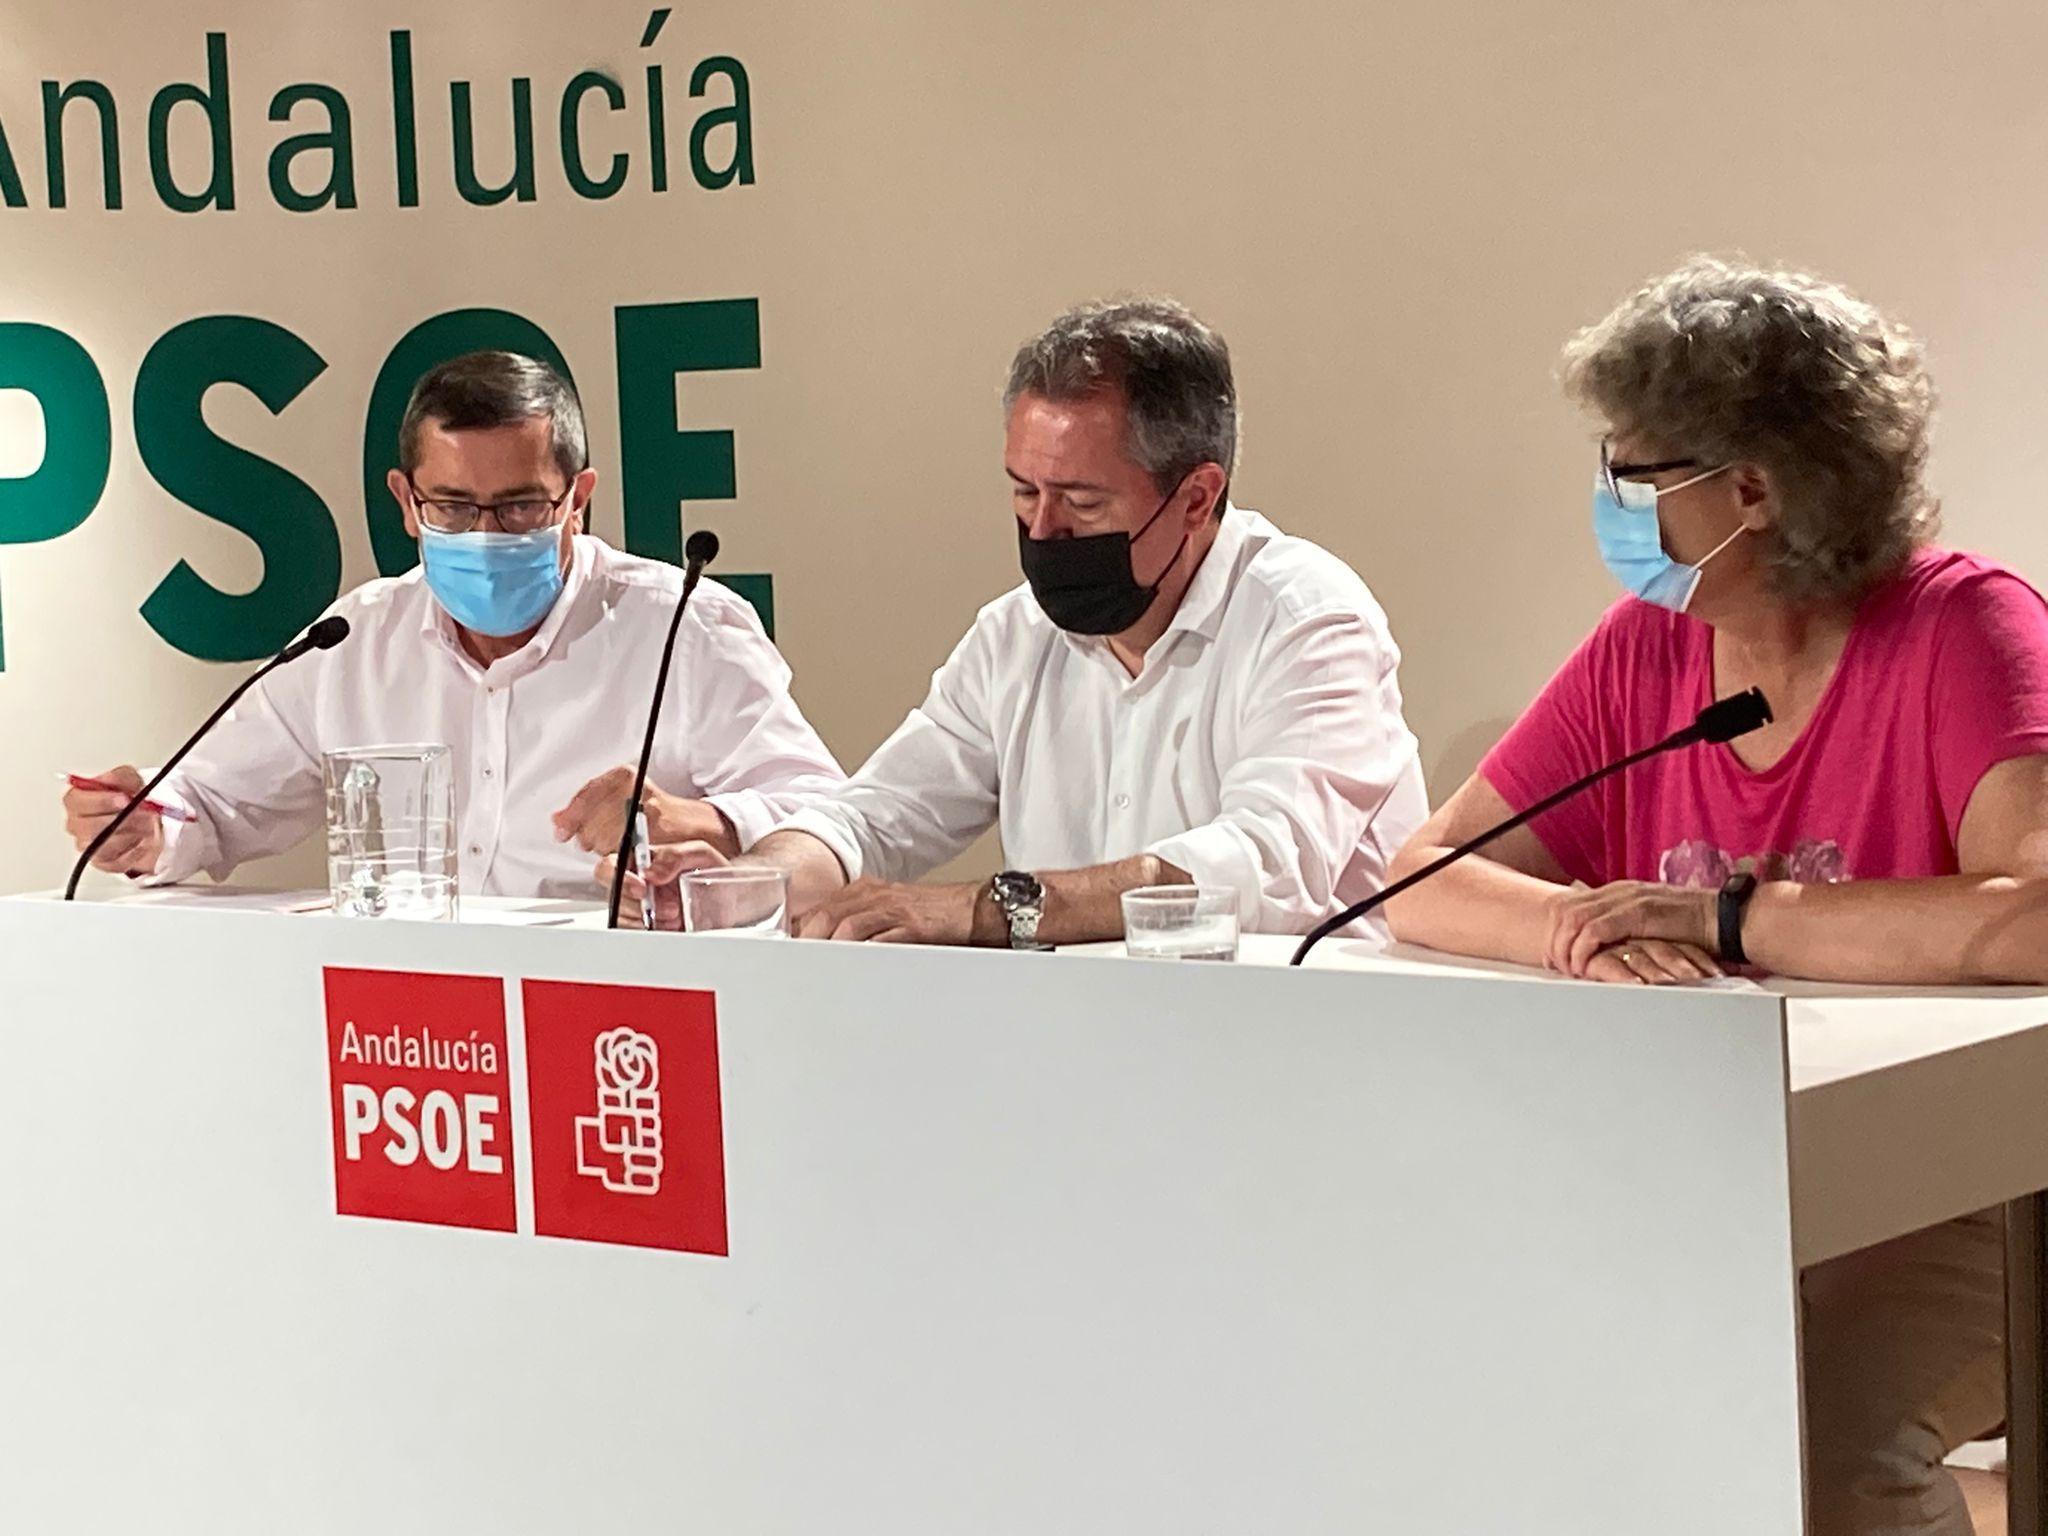 """Juan Espadas califica de """"negativa"""" la evolución de la pandemia y urge al gobierno andaluz a """"tomar medidas y modificar la desescalada planificada"""" tras escuchar al Comité de Expertos"""